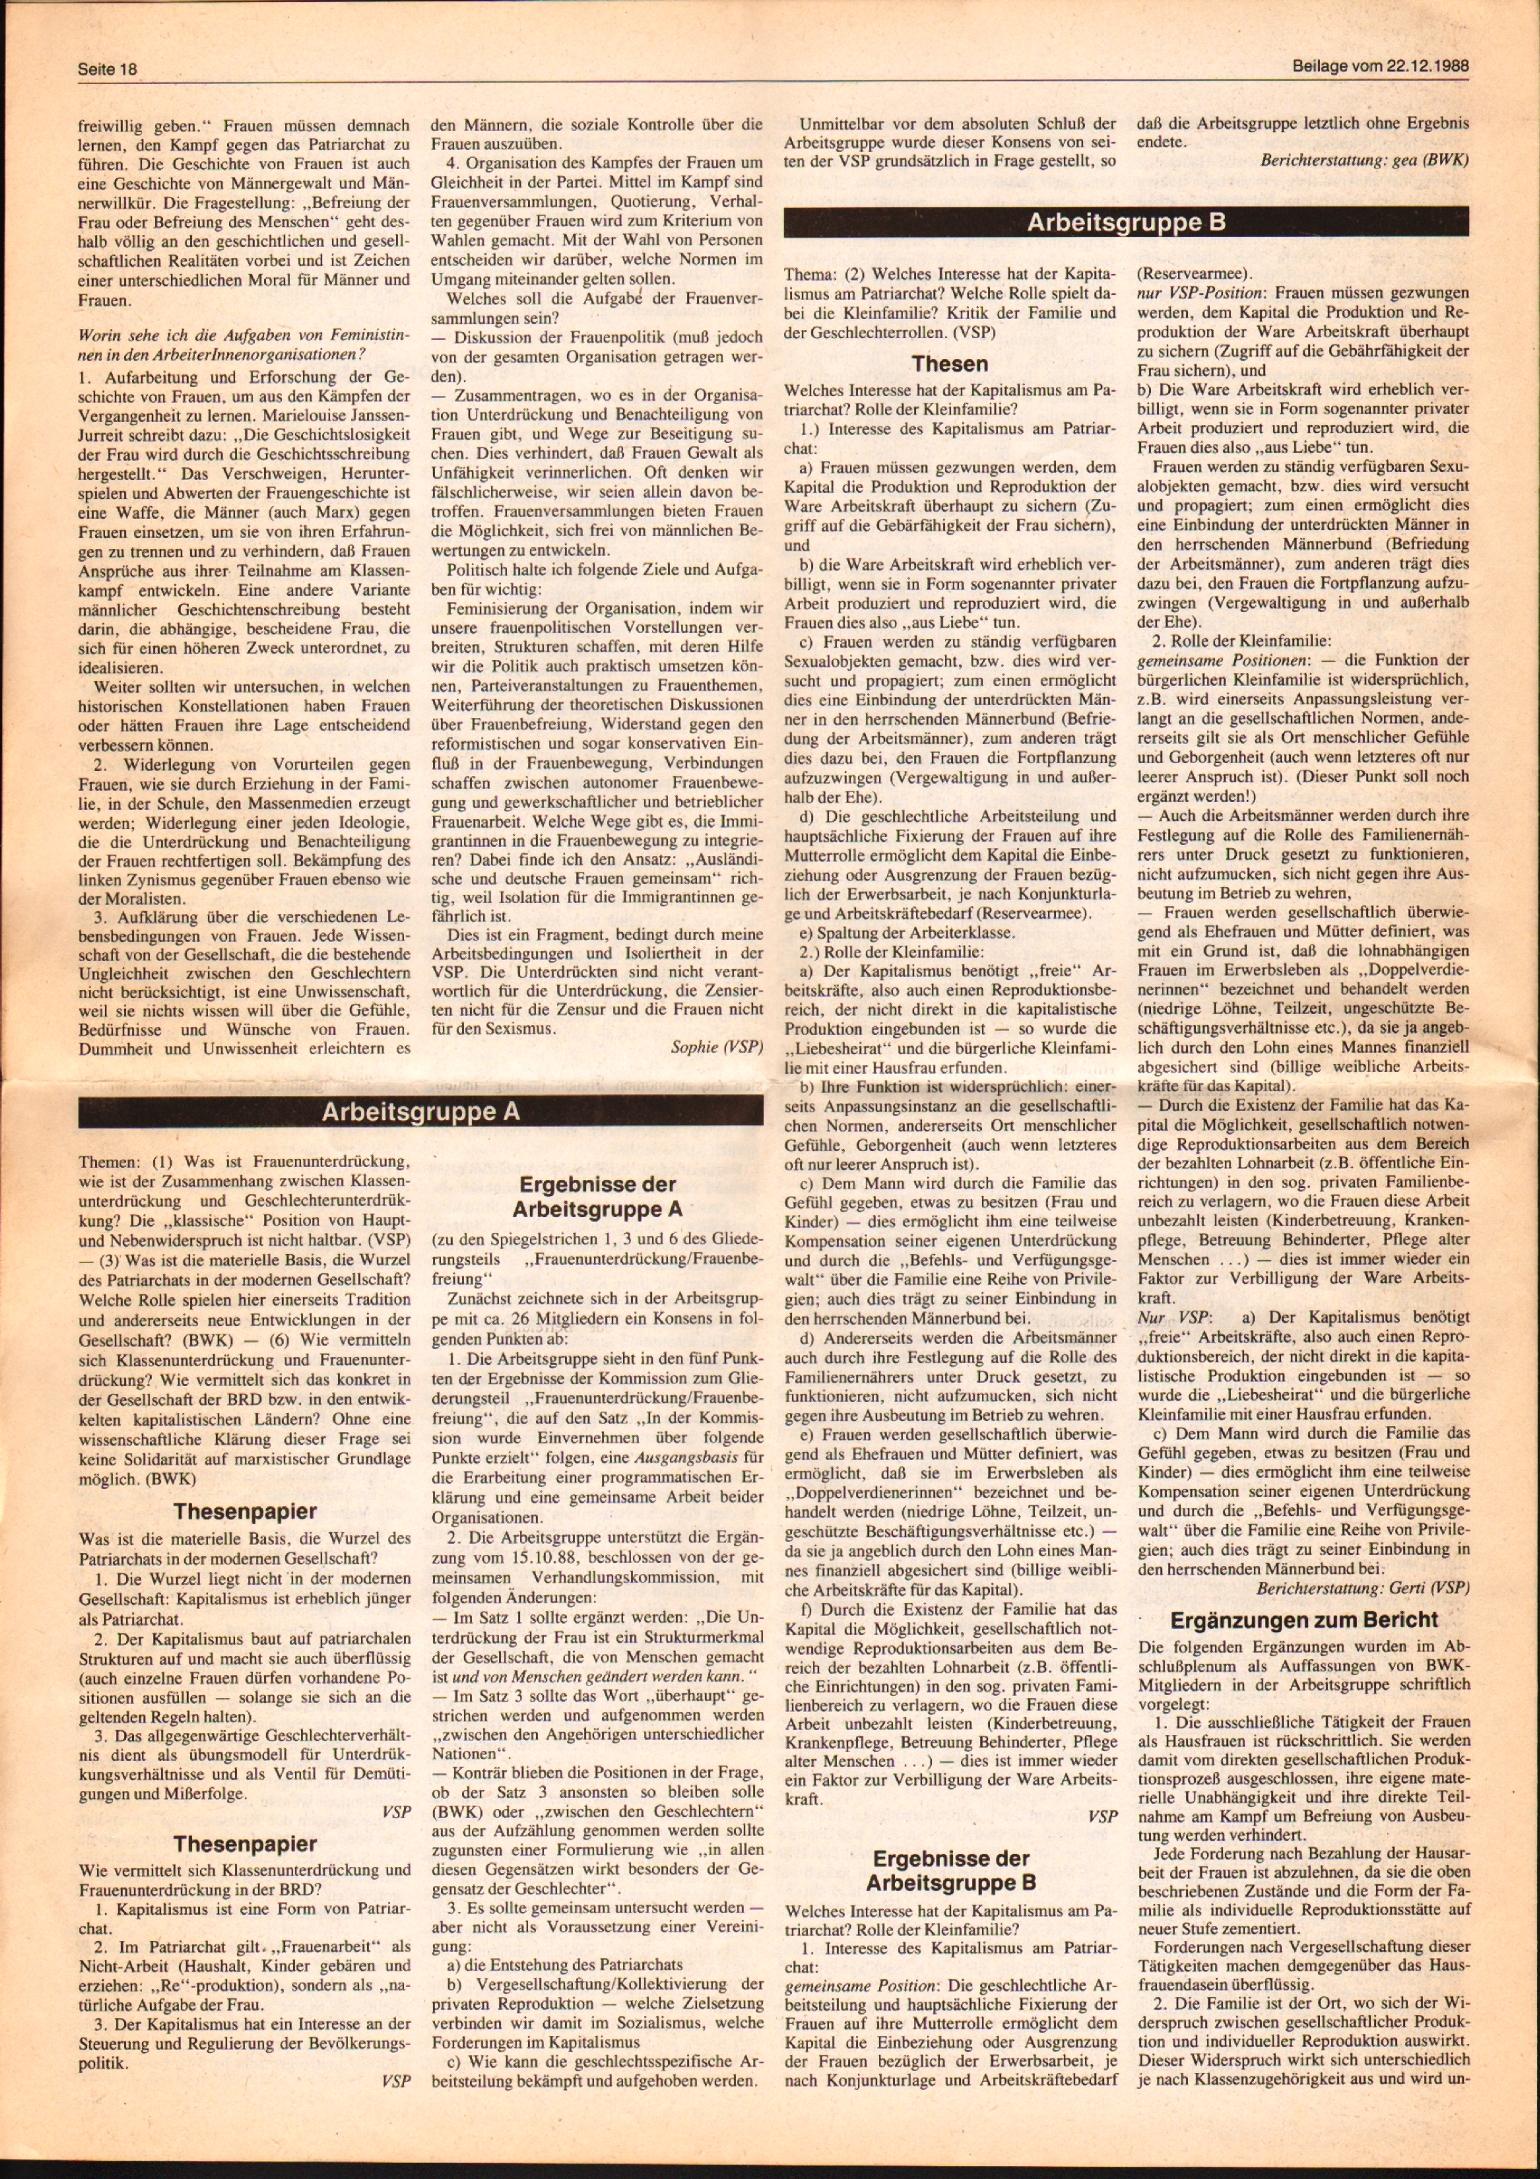 Gemeinsame_Beilage_1988_04_18